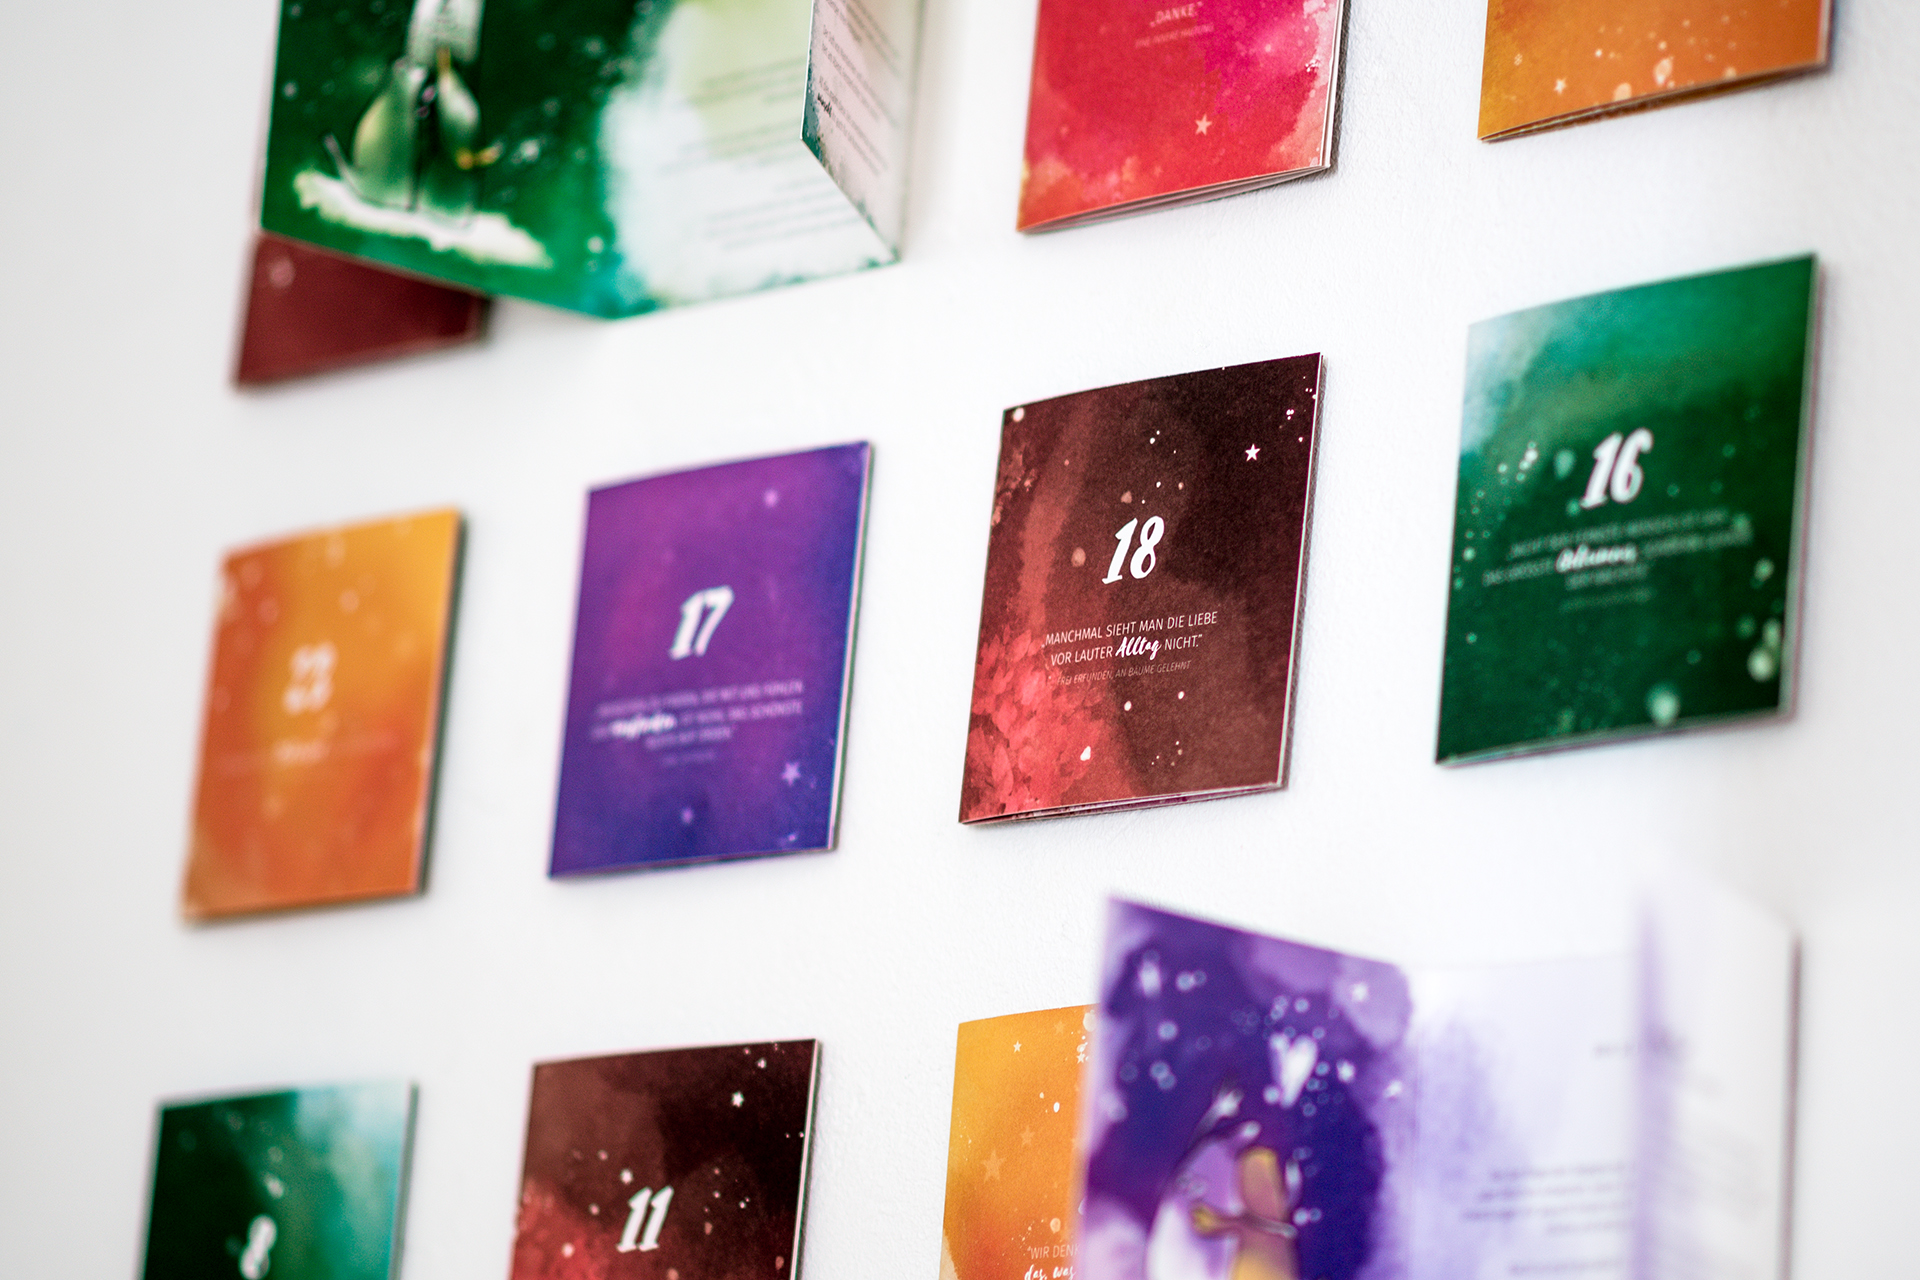 Die fröhlichen Farben der Storycards sorgen für gute Laune